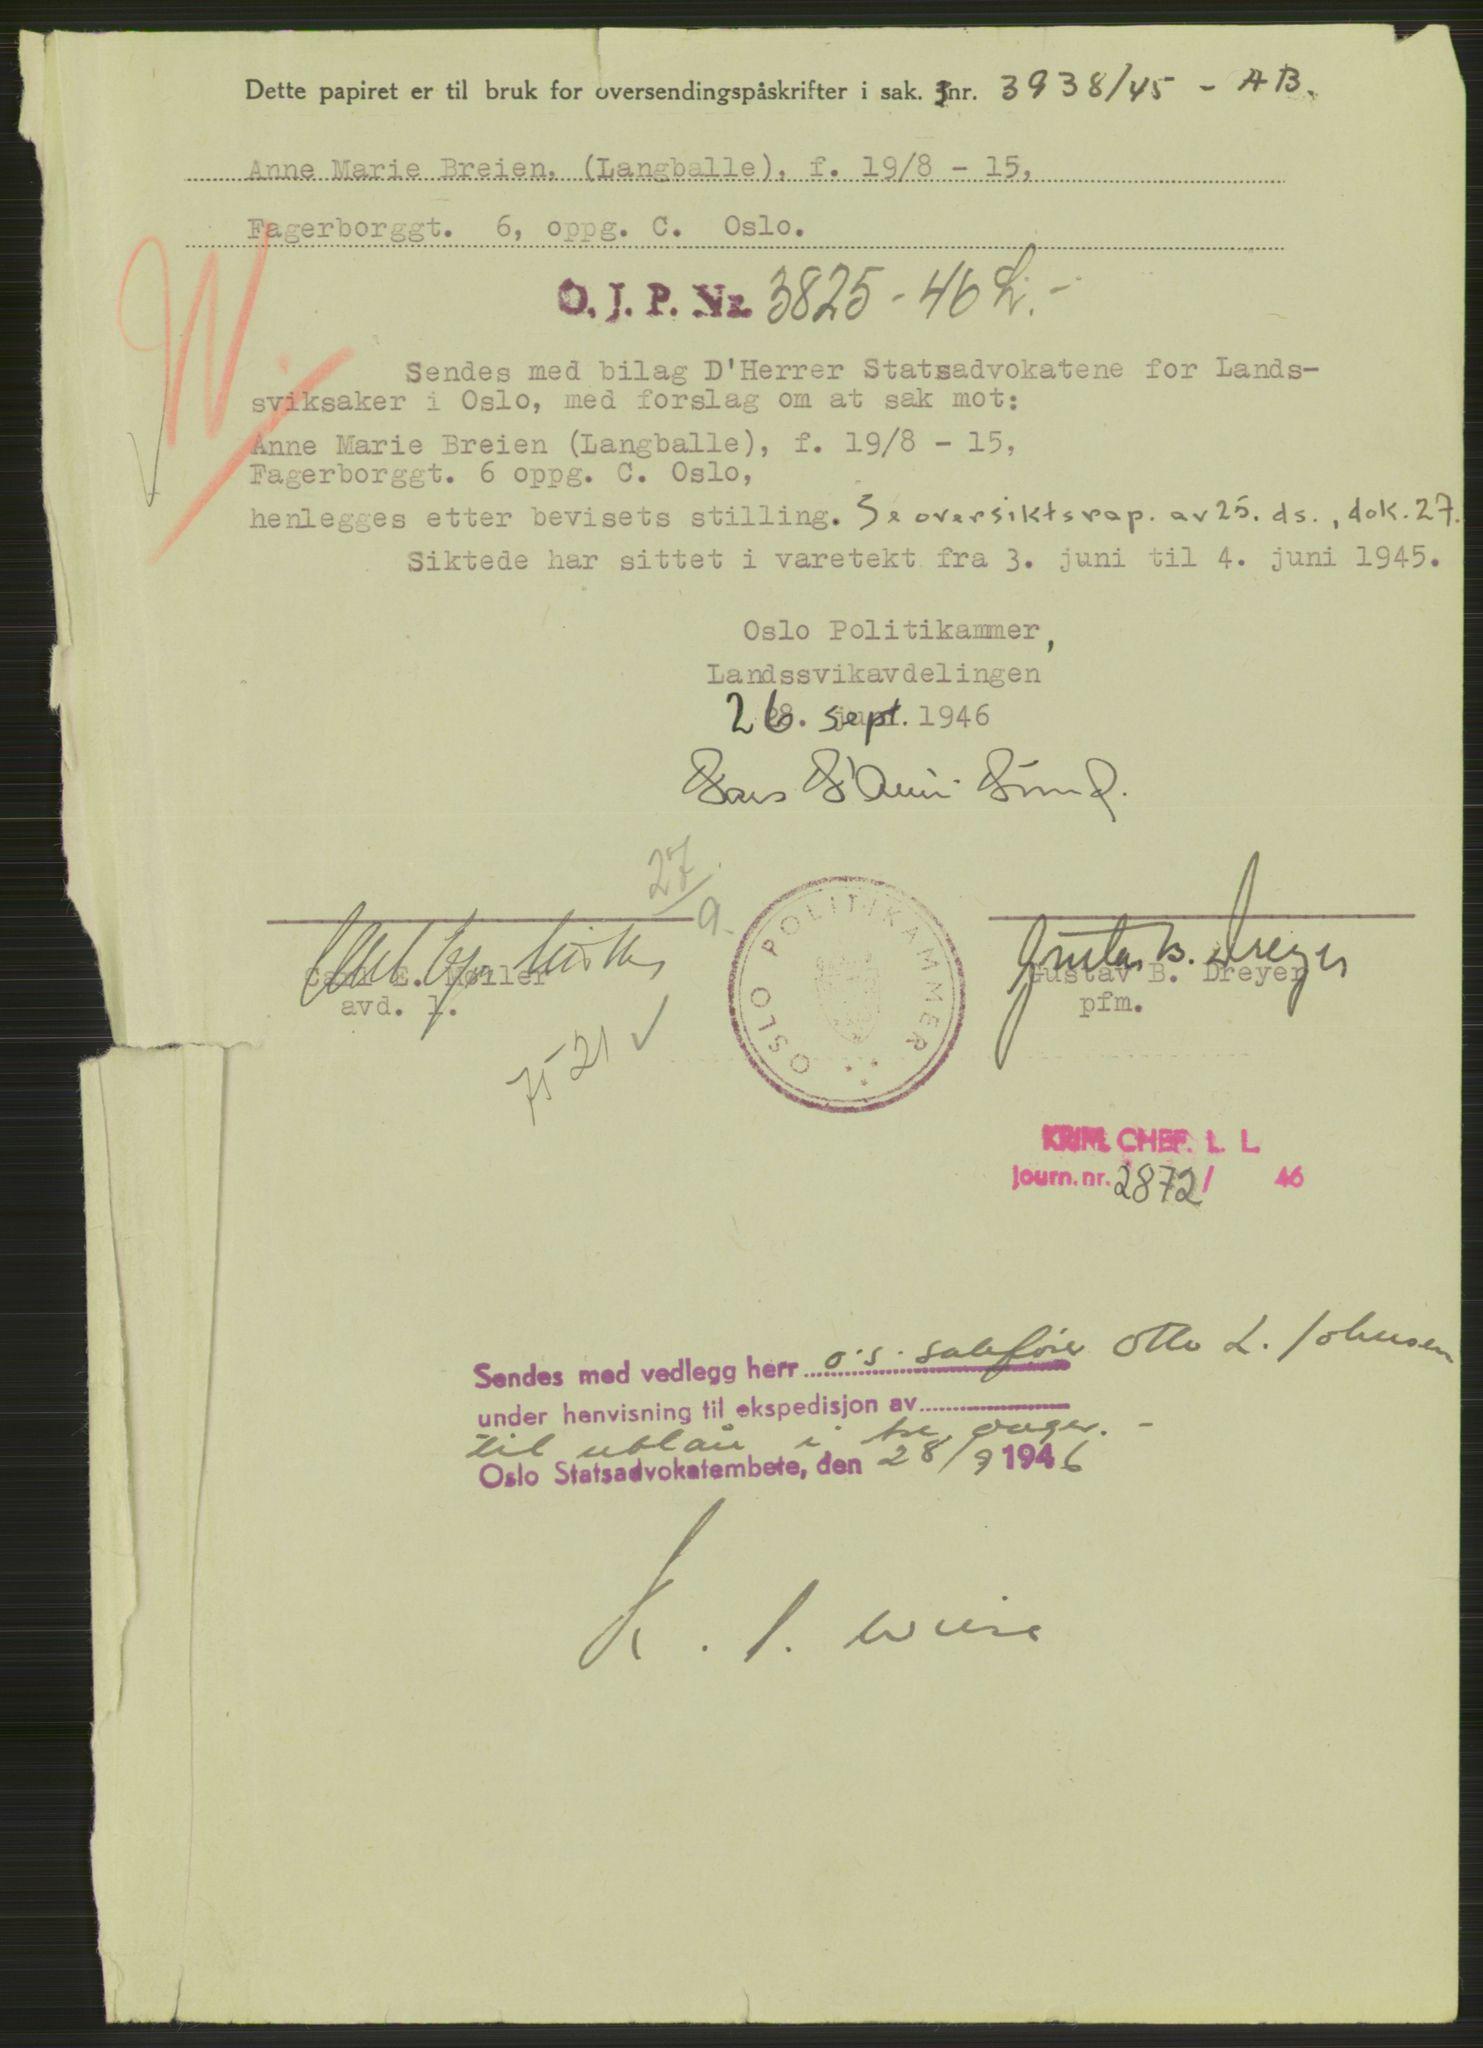 RA, Landssvikarkivet, Oslo politikammer, D/Dg/L0267: Henlagt hnr. 3658, 1945-1946, s. 15